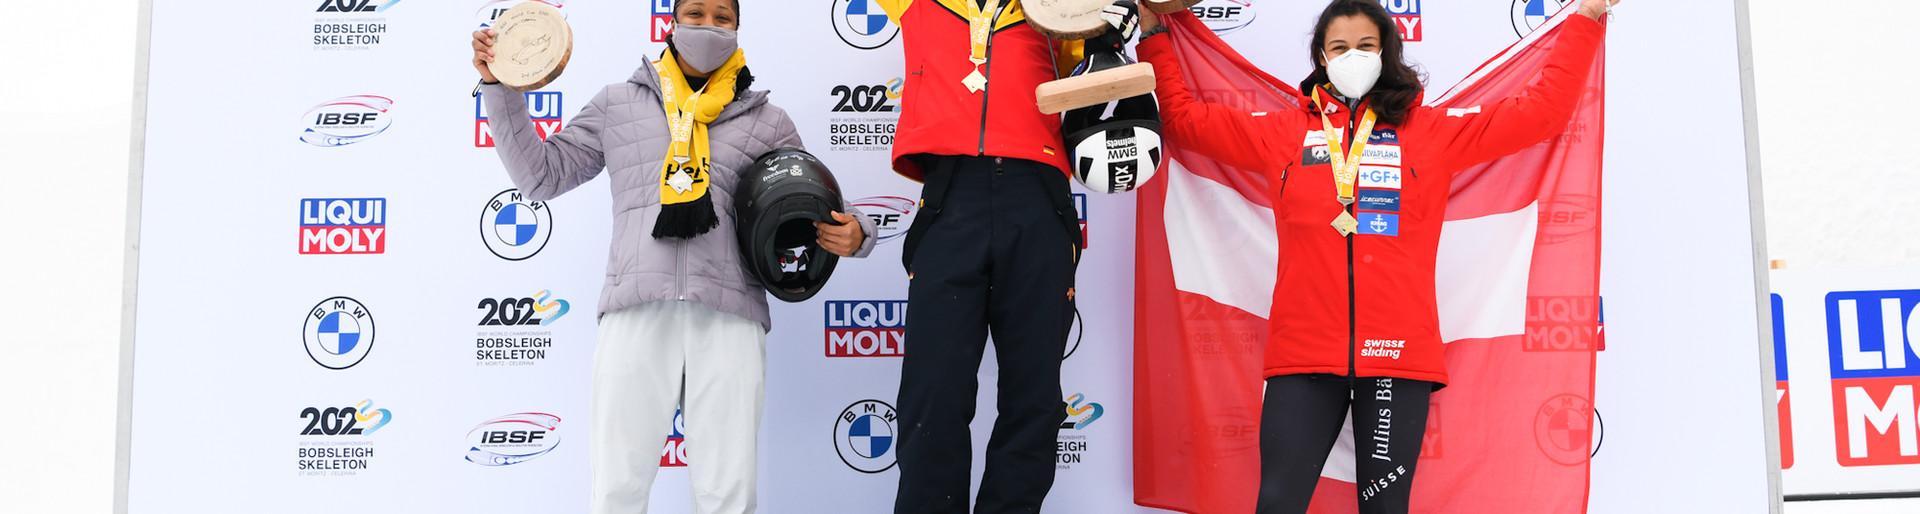 3. Rang am Heim Weltcup St. Moritz